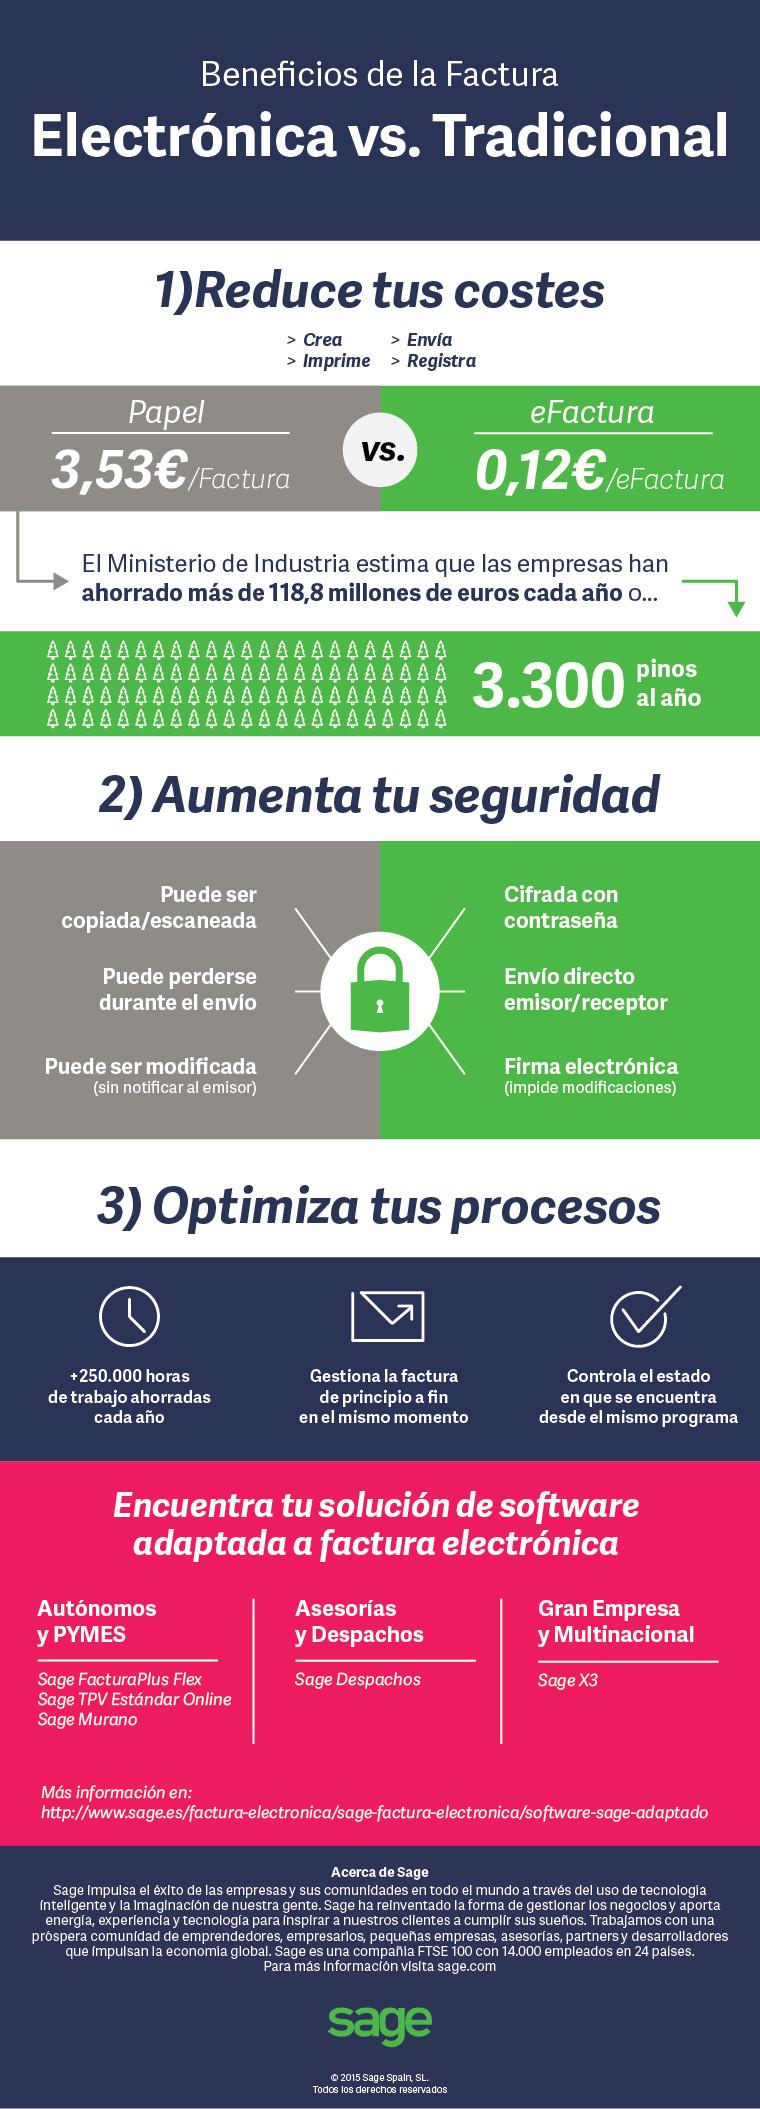 Infografia - Beneficios de Factura Electronica vs. Tradicional 760 (2)